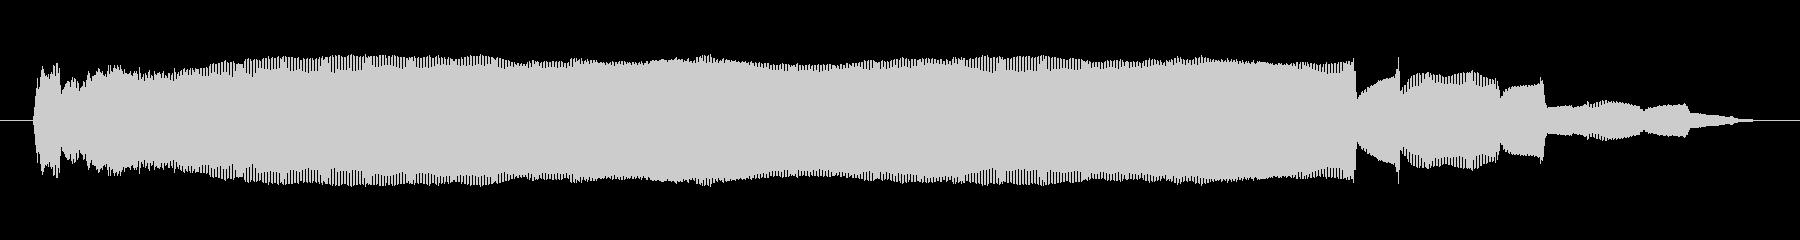 シンセサイザー 金属オルガンハイ02の未再生の波形